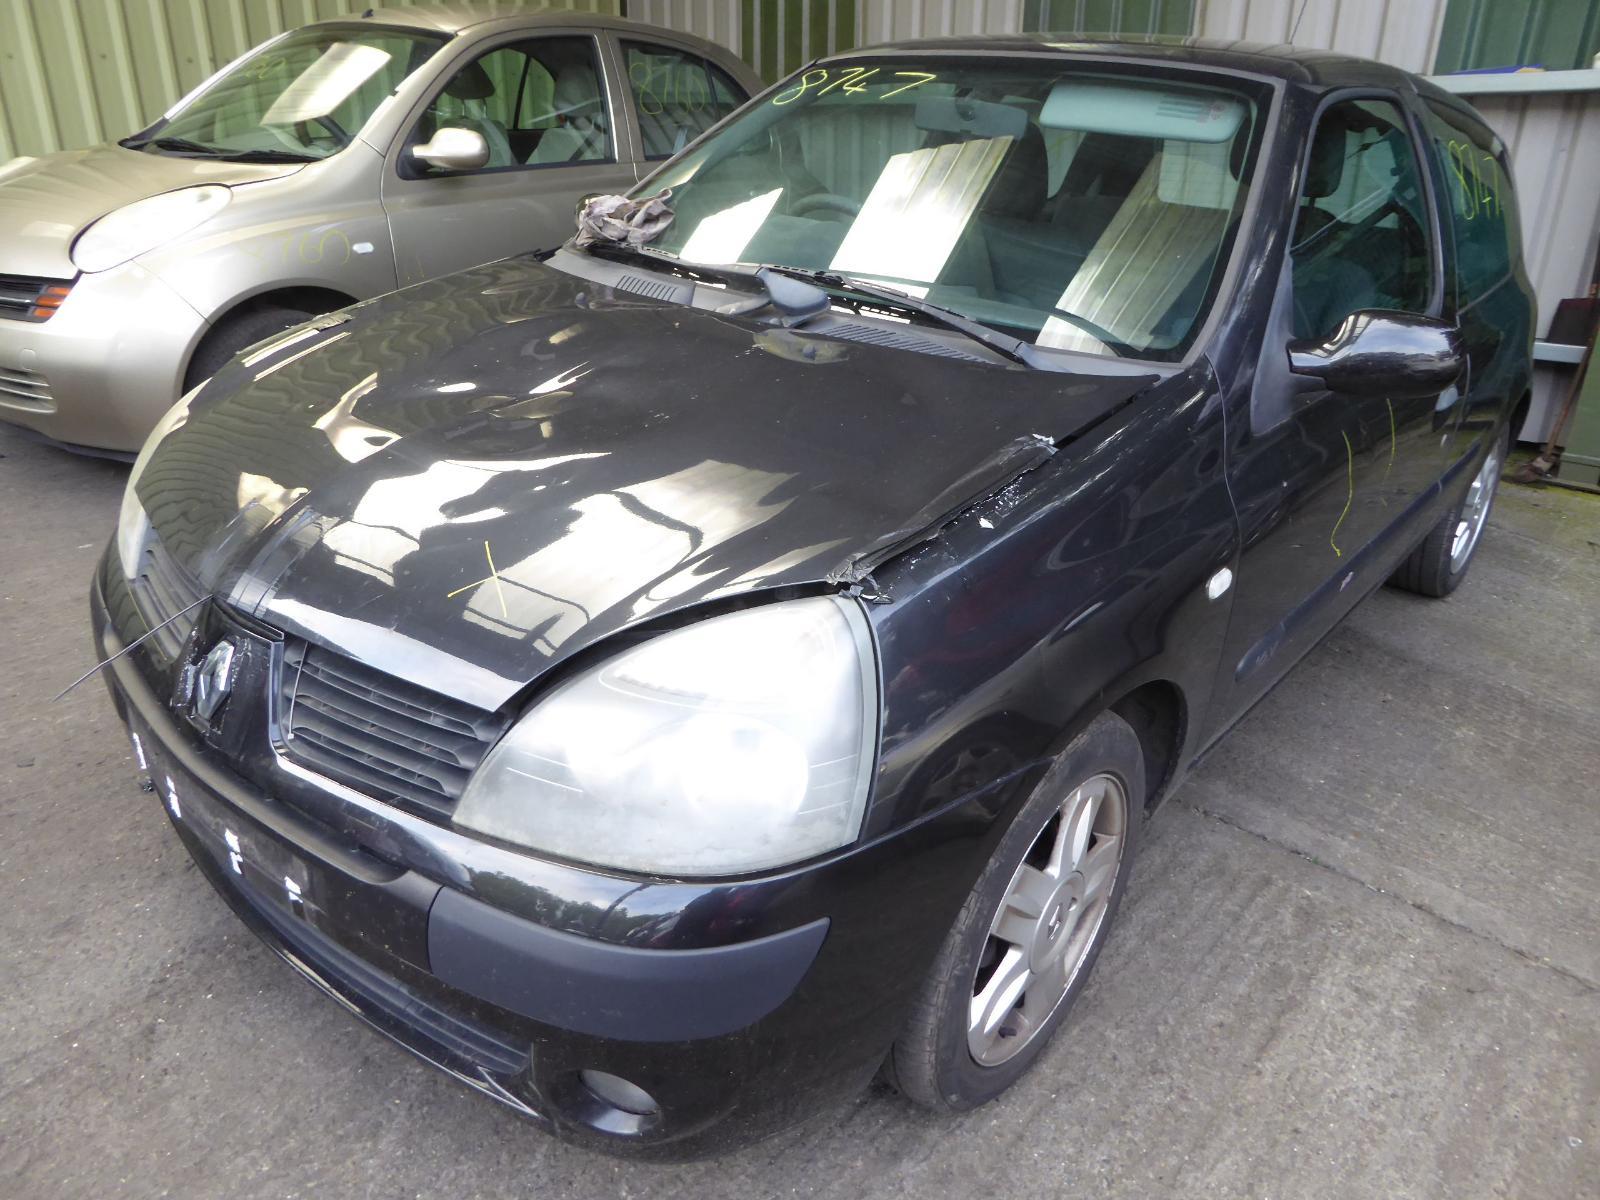 Image for a RENAULT CLIO 2005 3 Door Hatchback